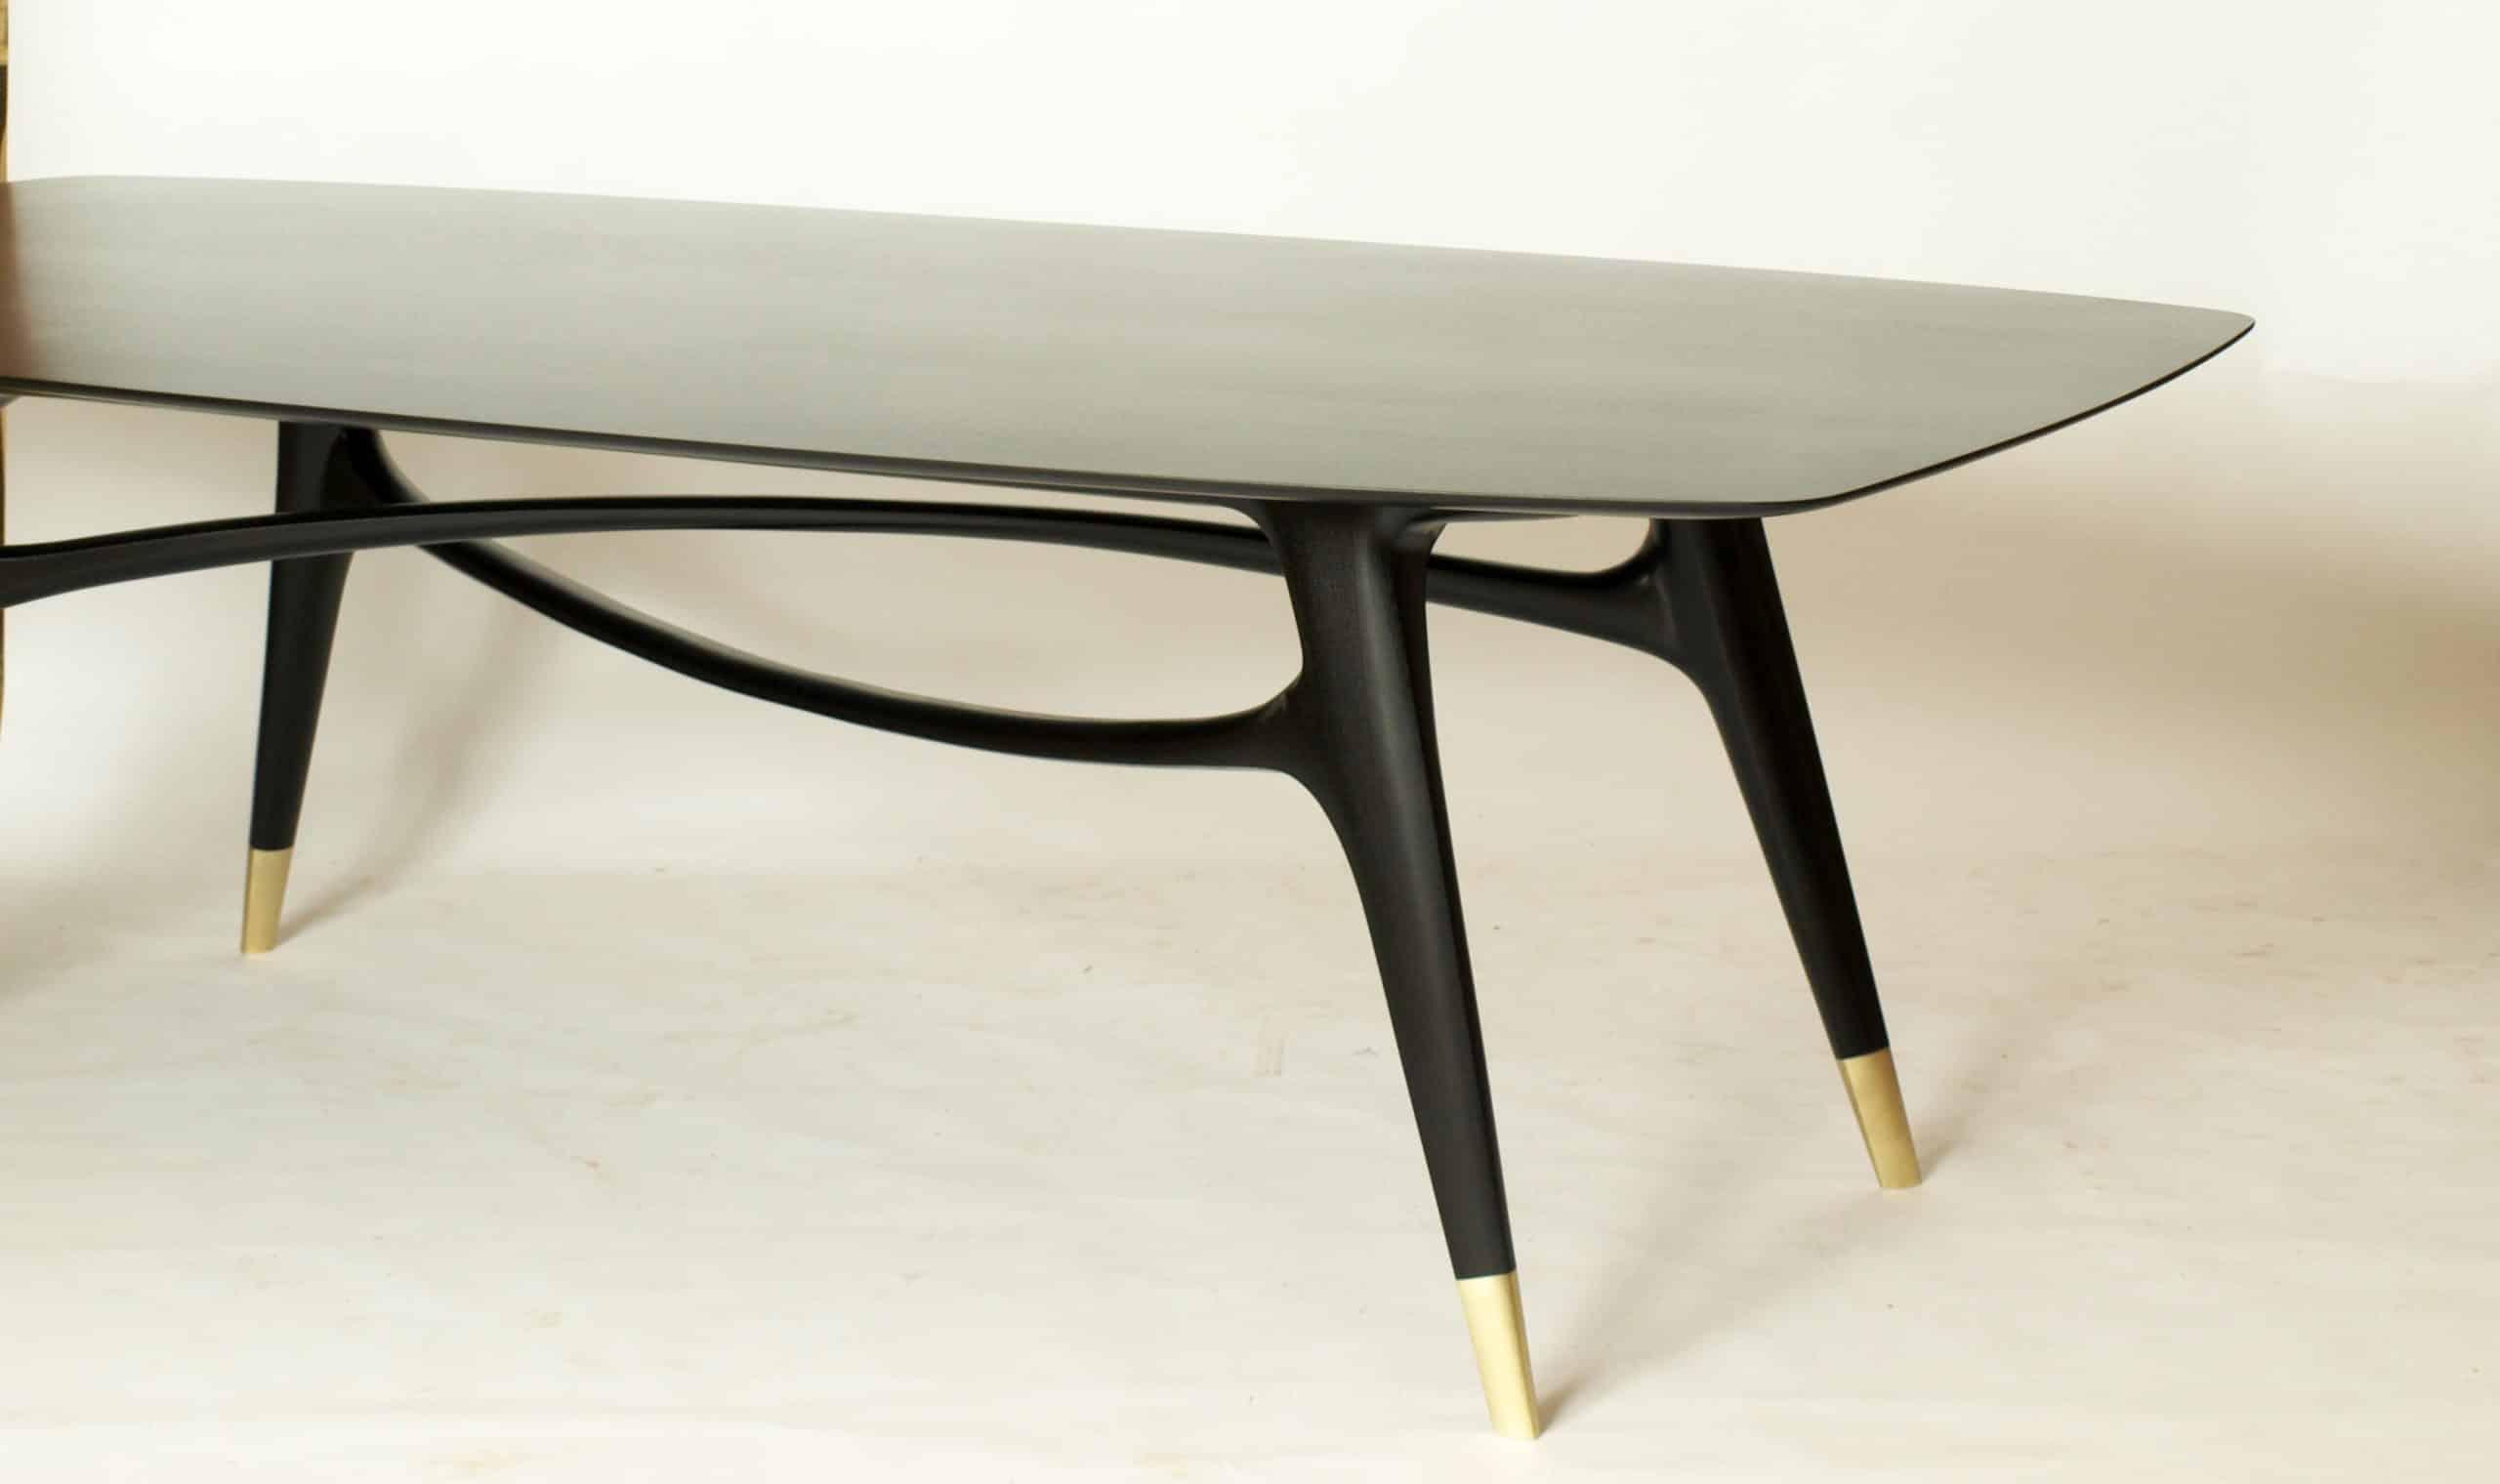 Den Tisch gibt es in unterschidlichen Holzarten, Modellauswahl